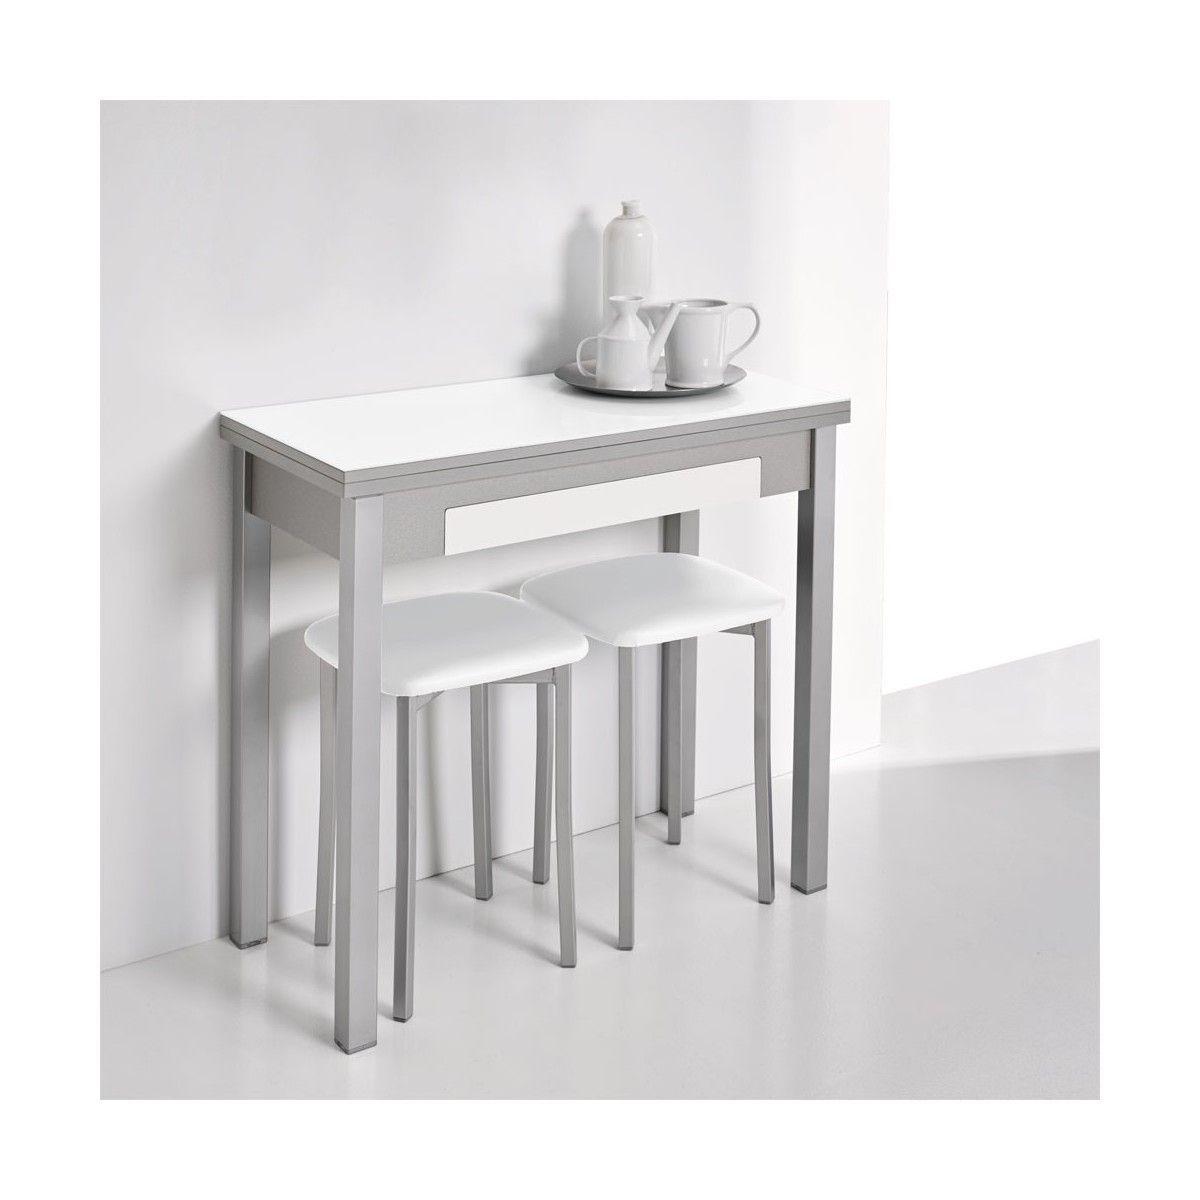 Mesa de cocina libro MARTA| Mesa de cocina barata | fanmuebles